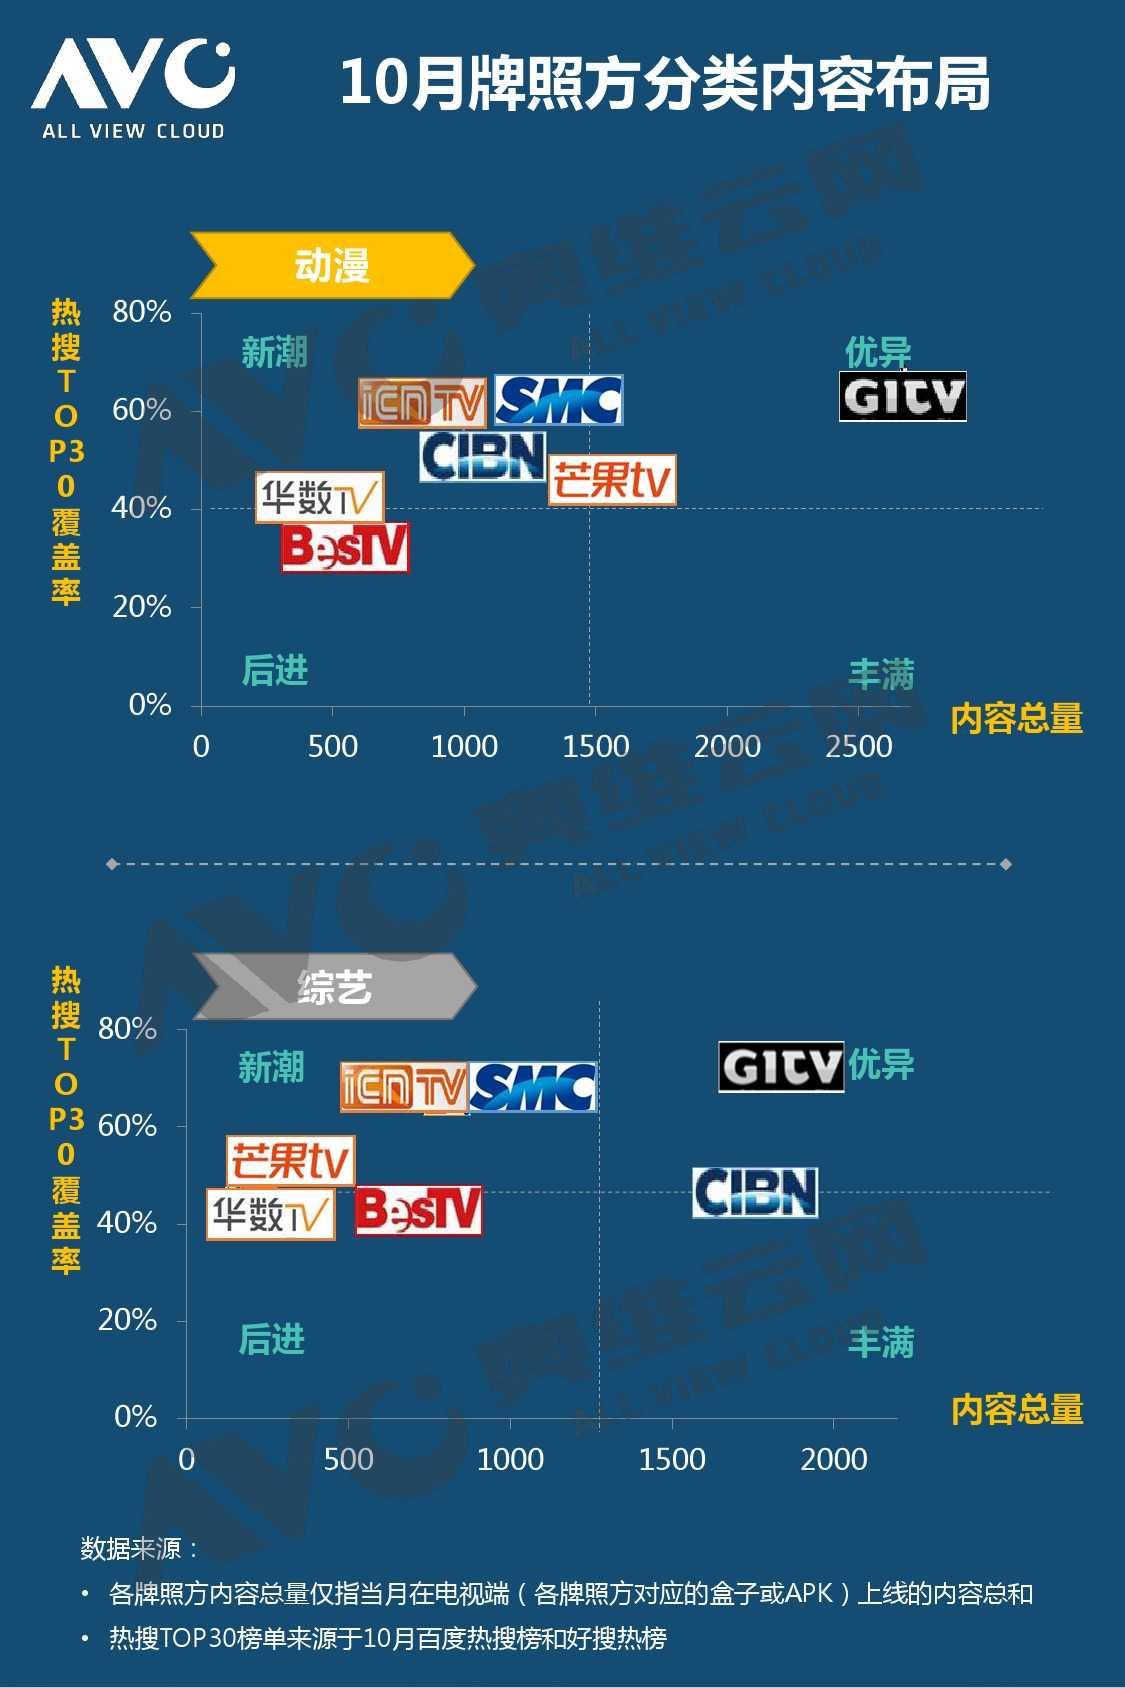 奥维云网:2015年10月份中国OTT发展研究_000015